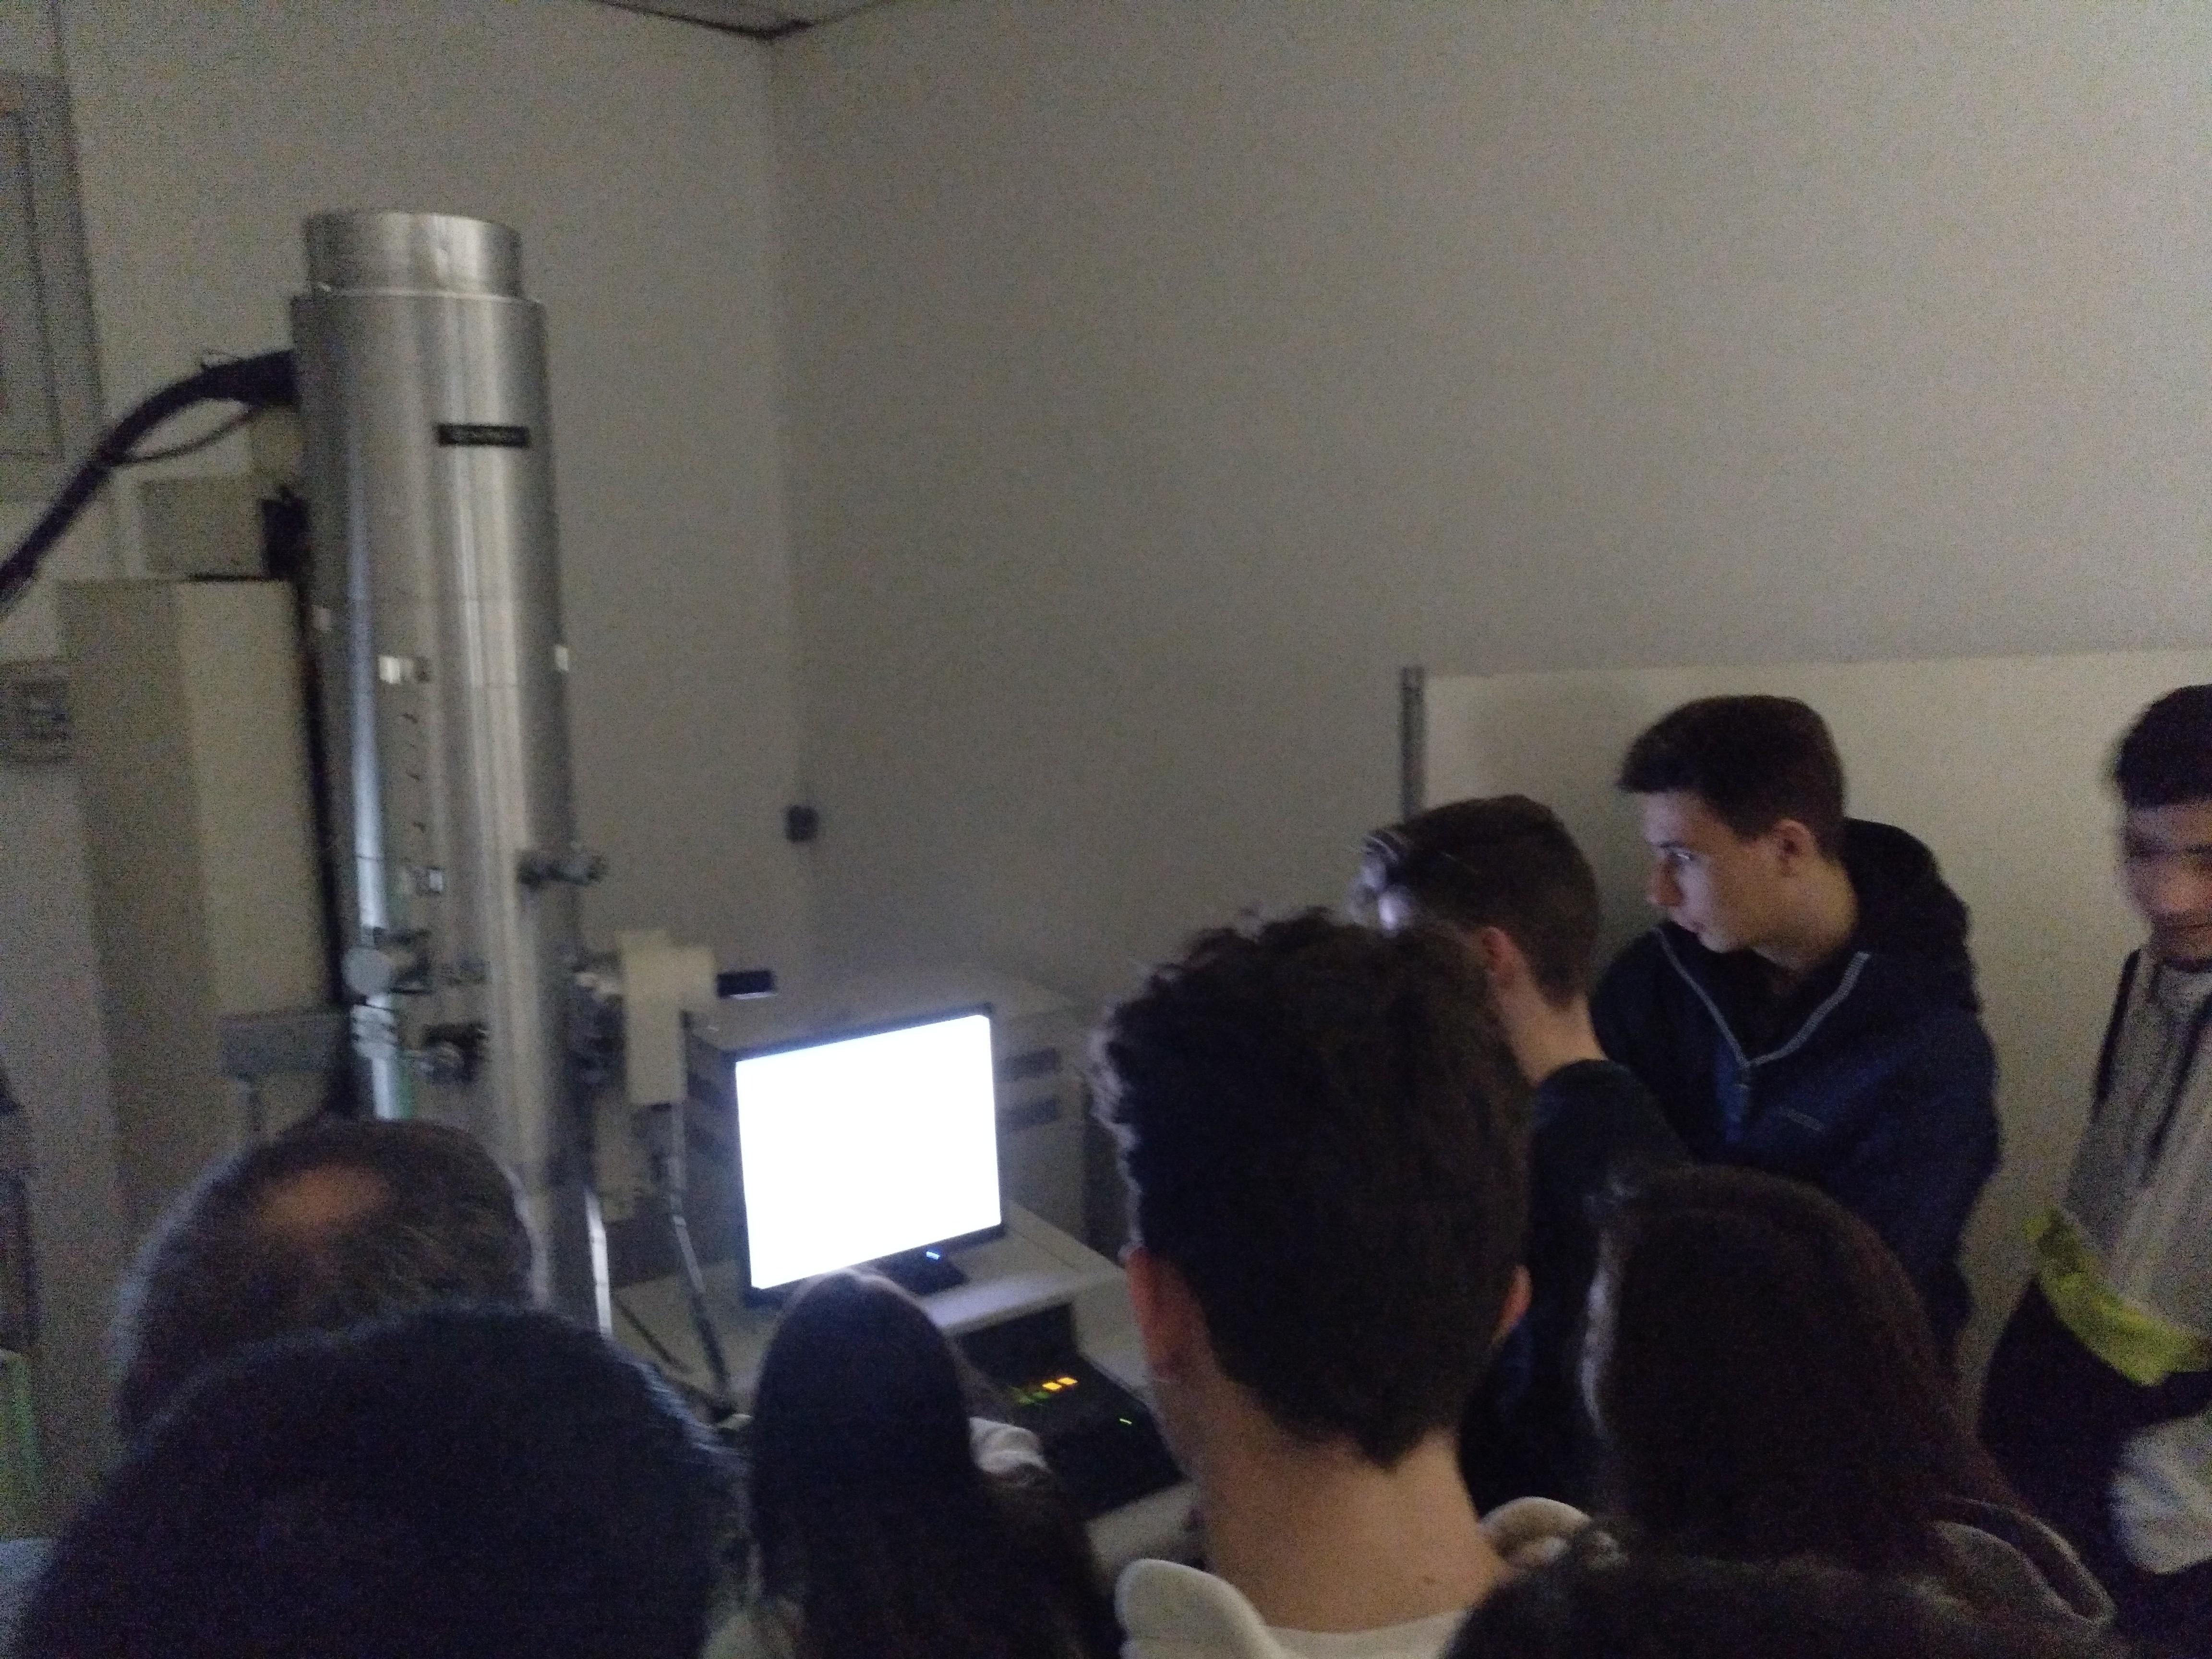 Visita dels alumnes de biologia de 2n batxillerat al Servei de Microscòpia UAB